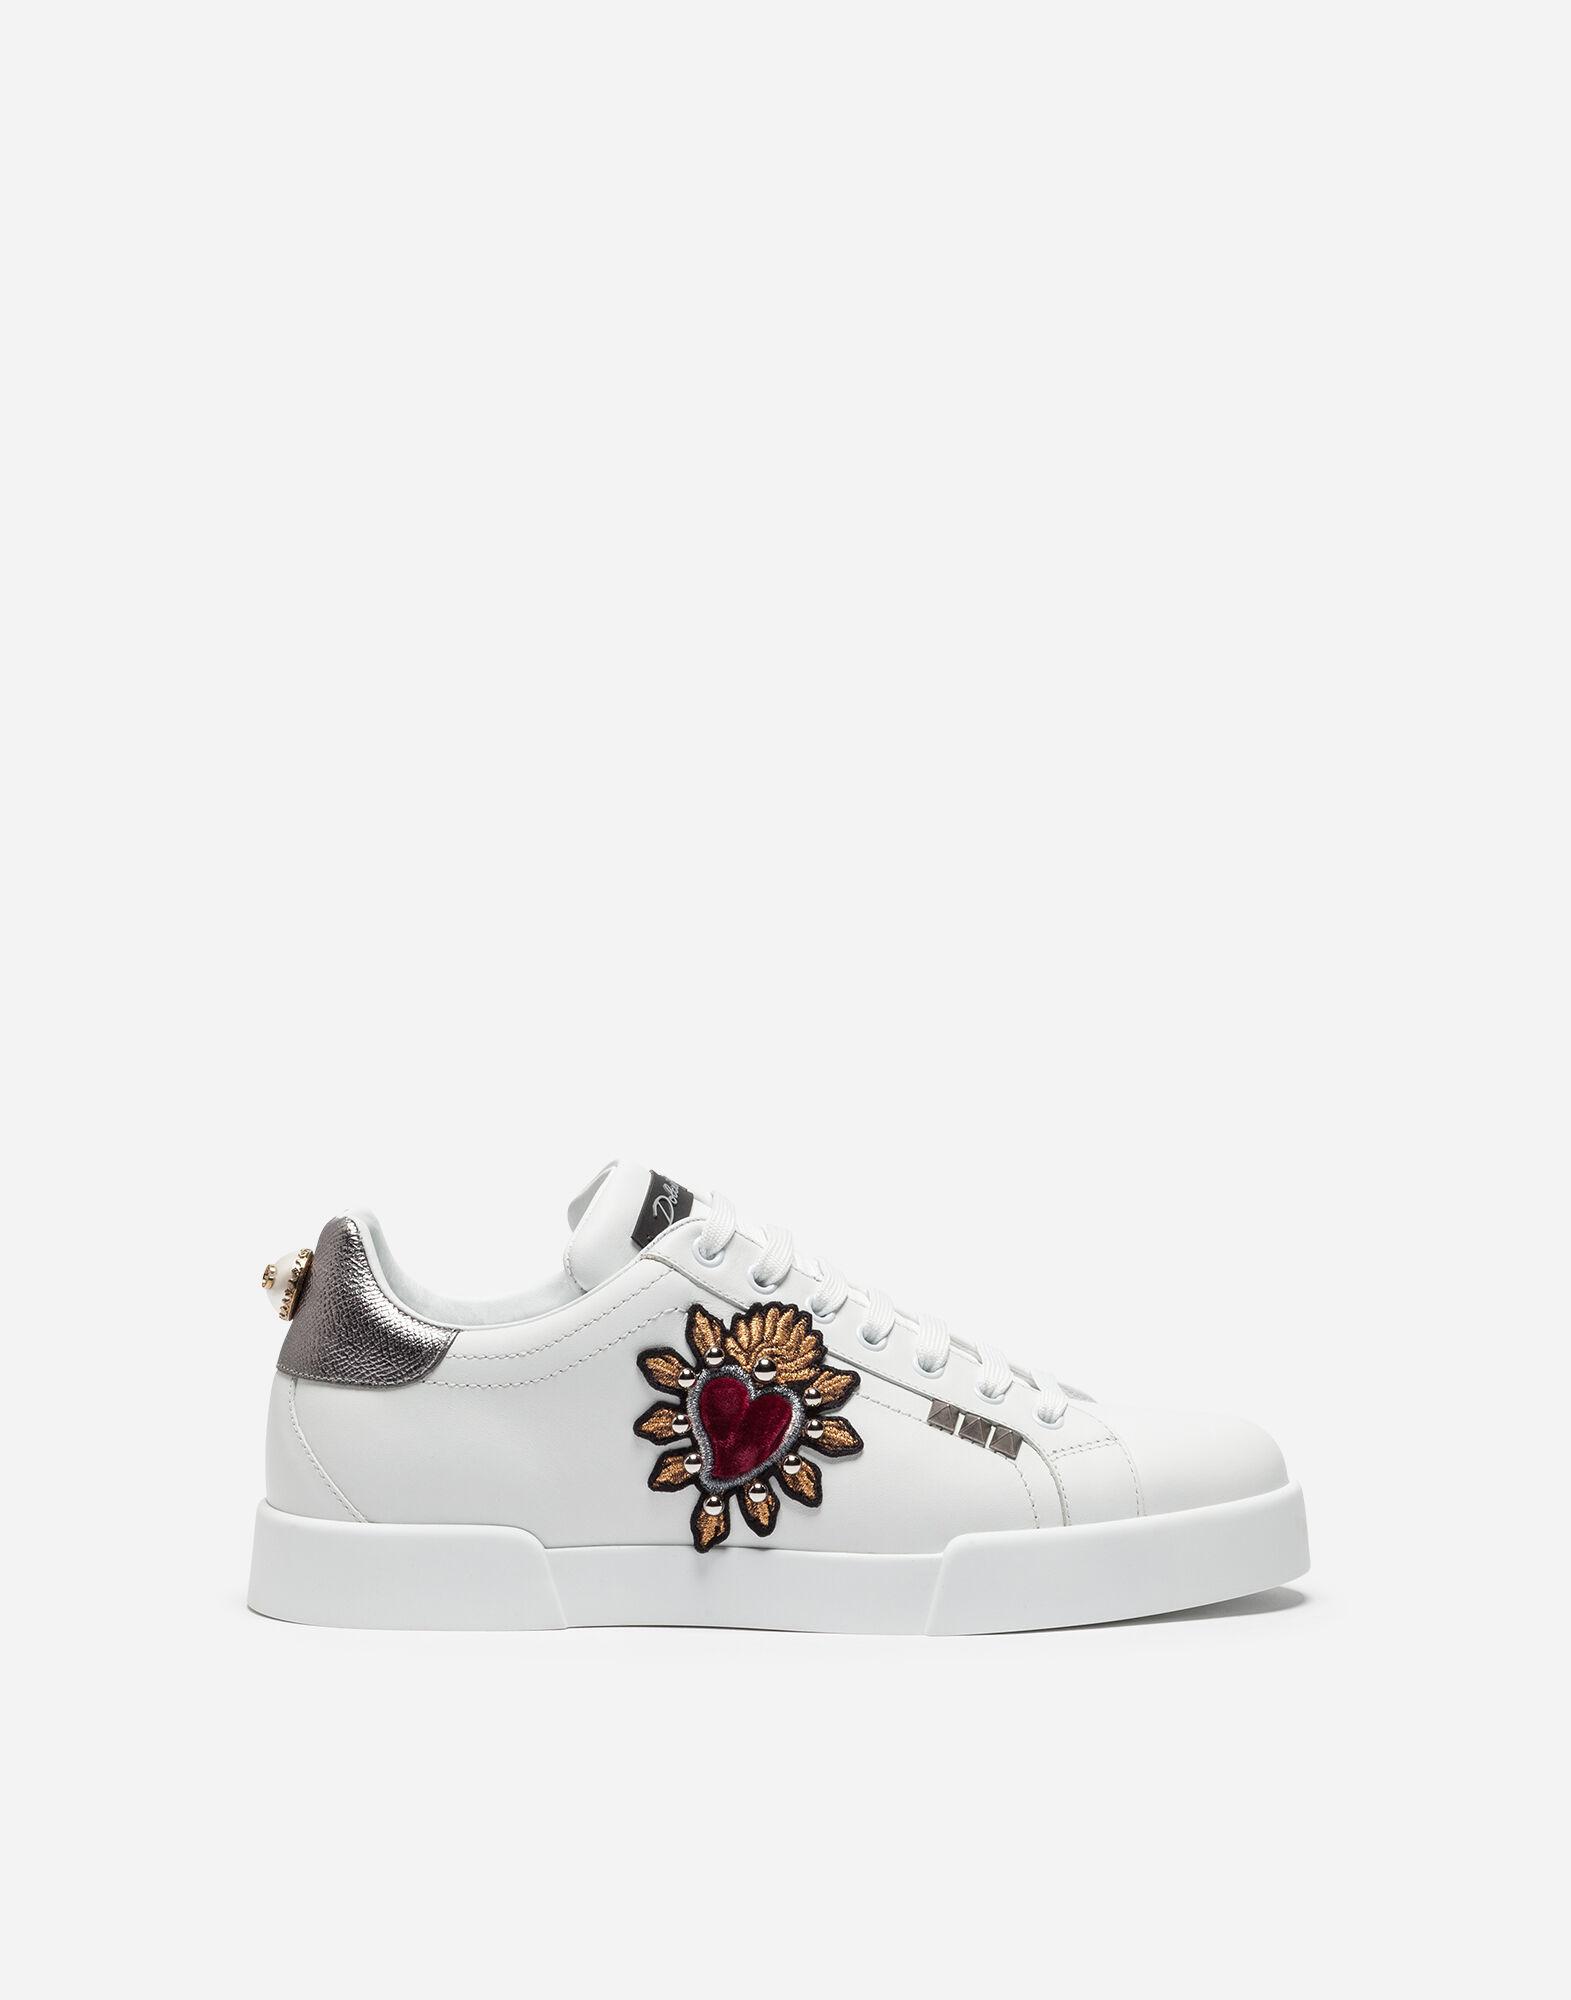 Sneaker Homme Pas cher en Soldes, Noir, Toile, 2017, 41 42 43 44Dolce & Gabbana